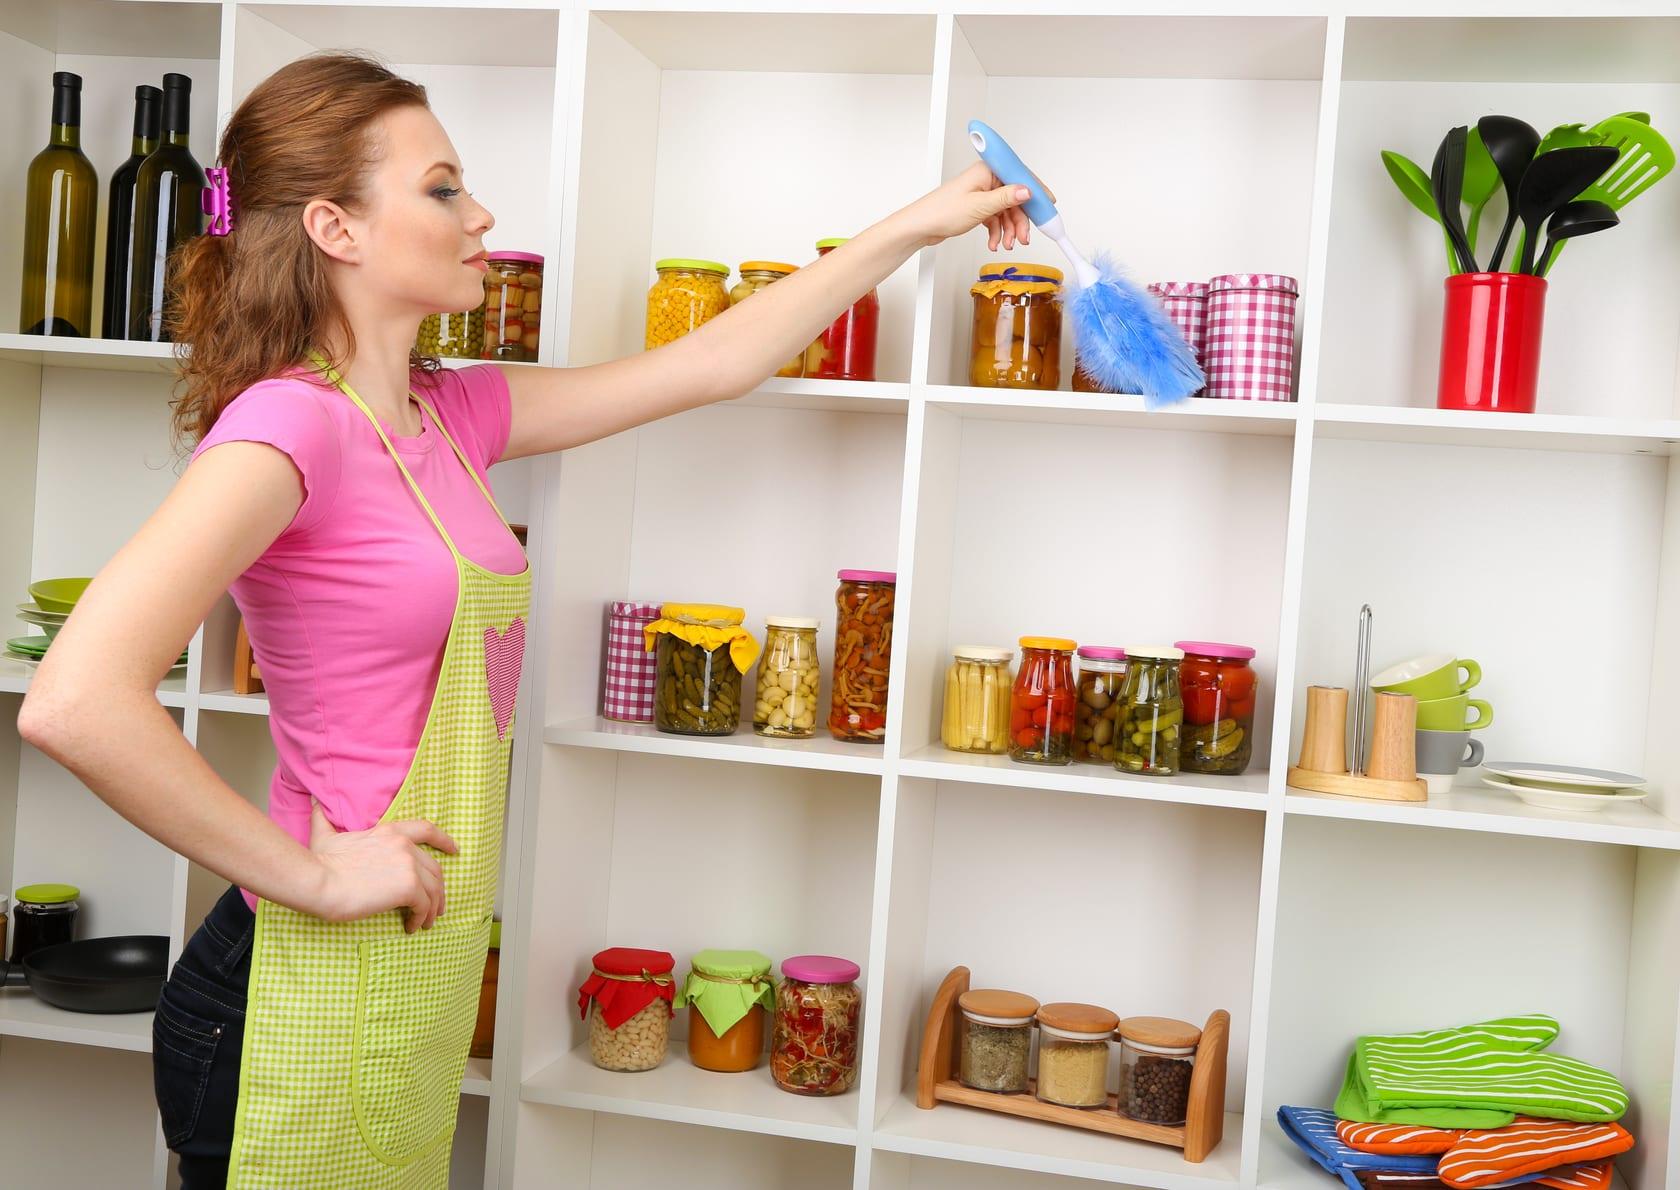 открытия чистота и порядок на кухне картинки бандажирования совсем